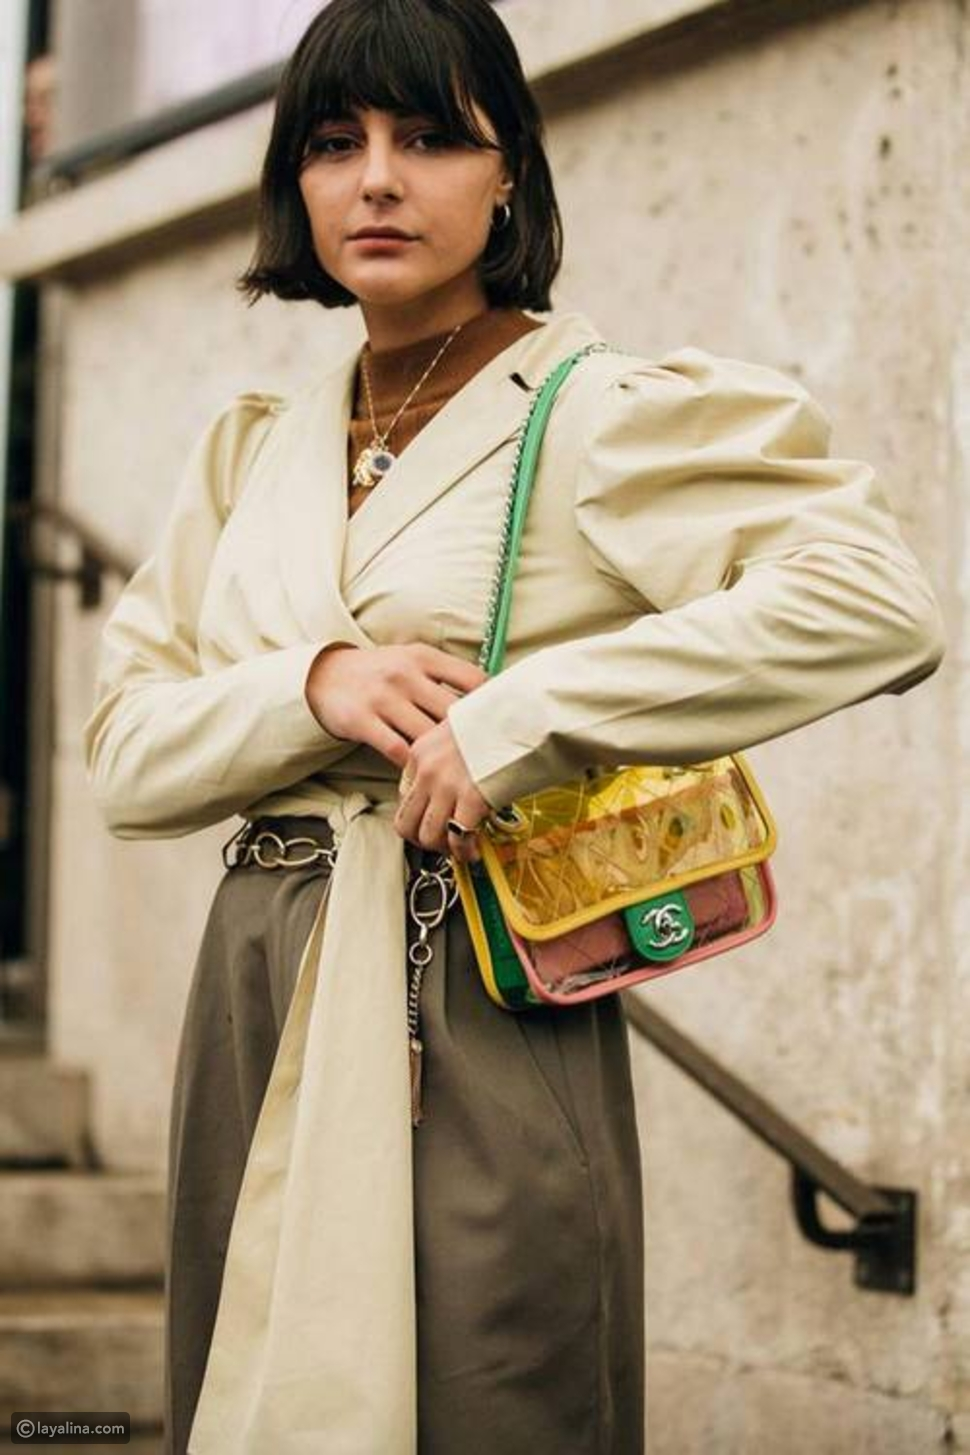 أبرز أزياء شانيل بأسلوب الشارع ستريت ستايل